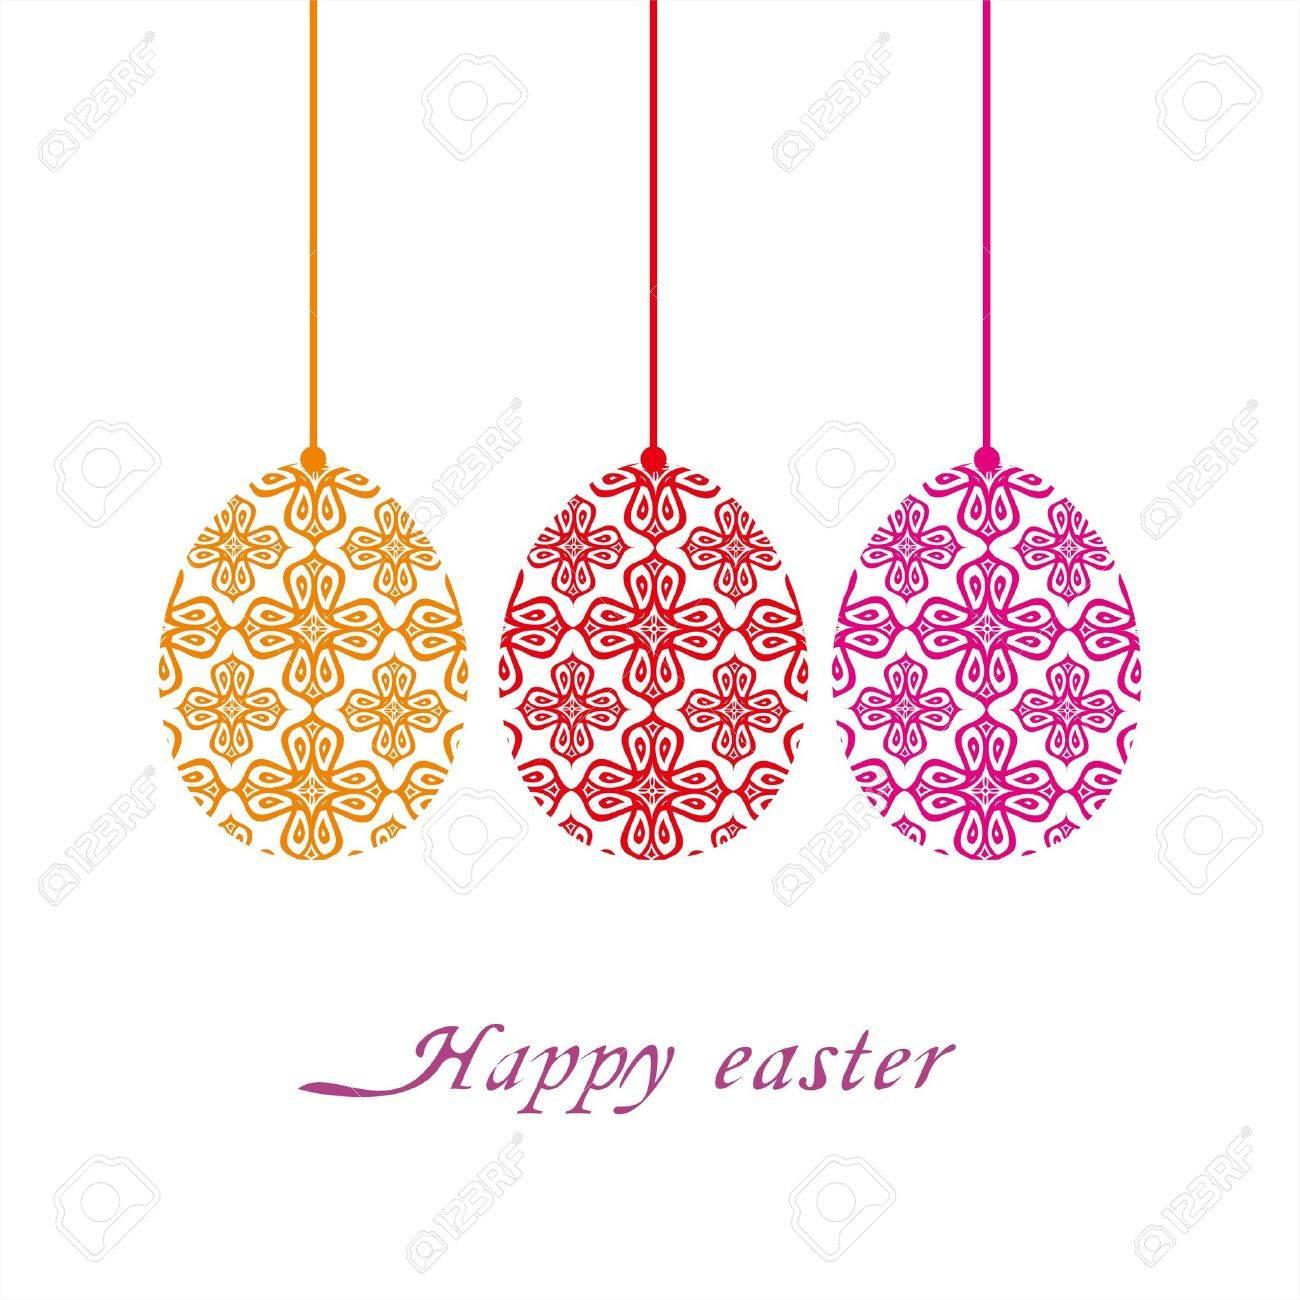 Easter Egg Stock Vector - 12749452